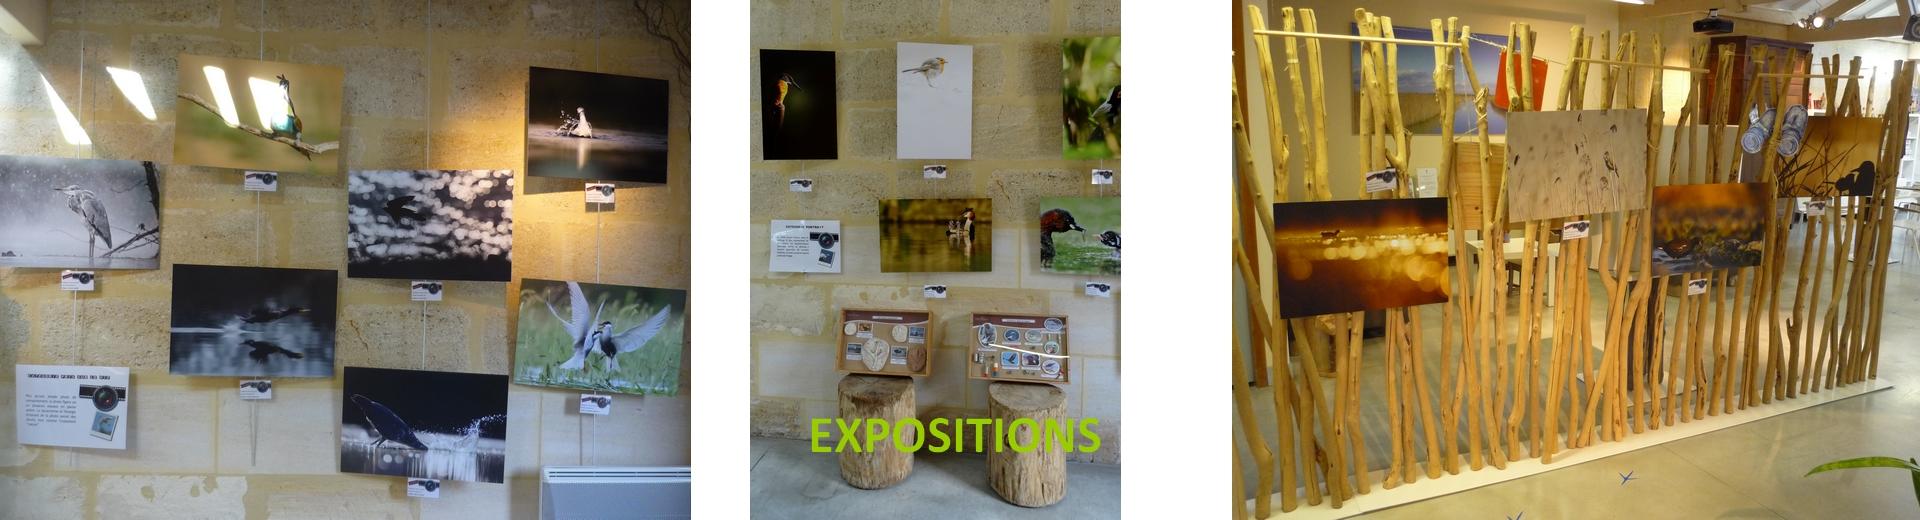 Expositions Terres d